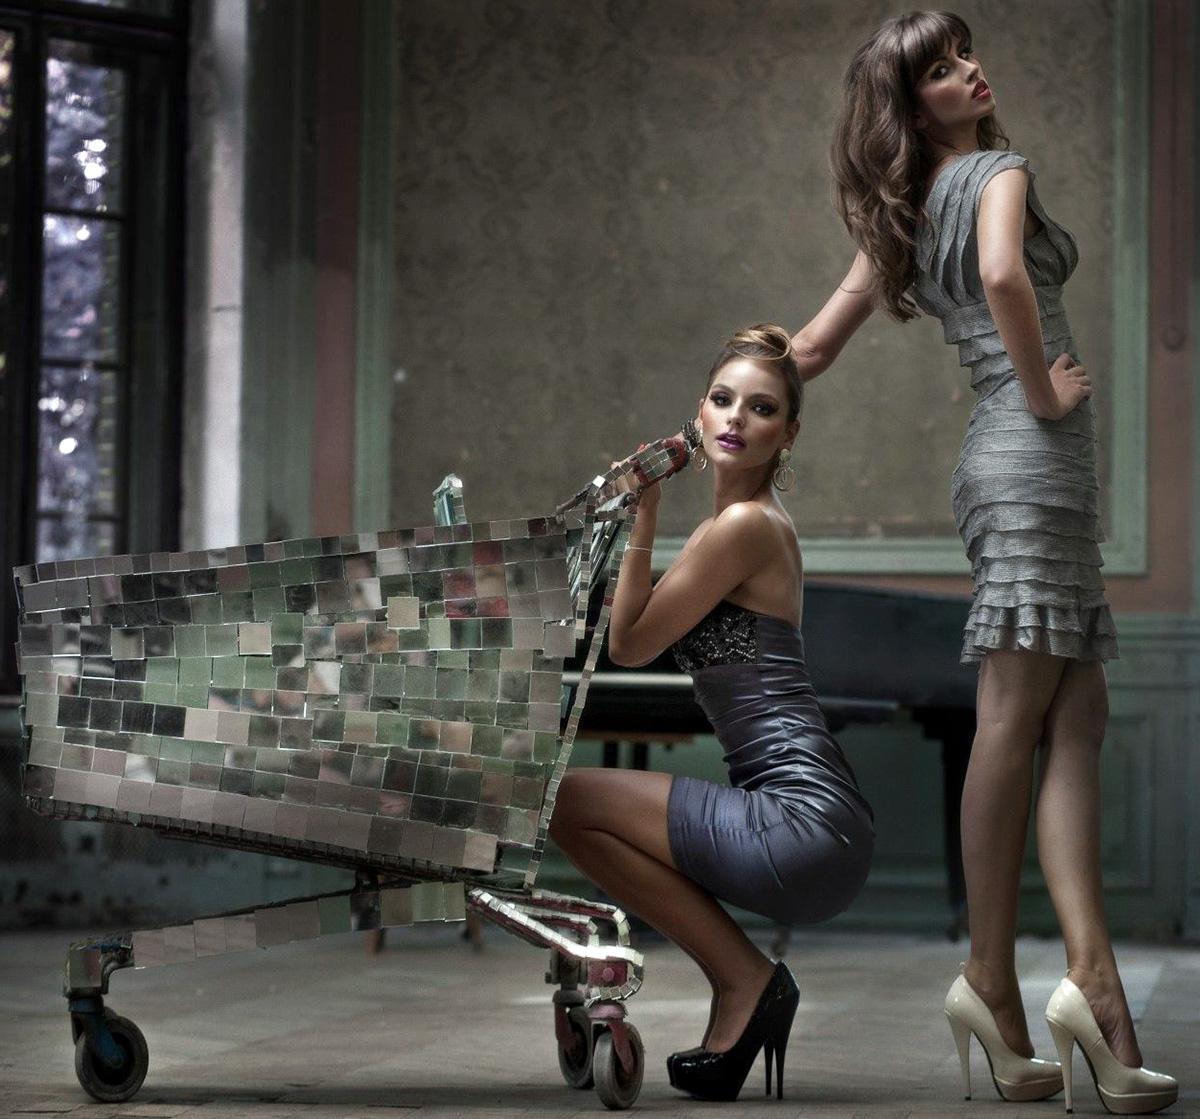 Идеалы красоты и худые модели